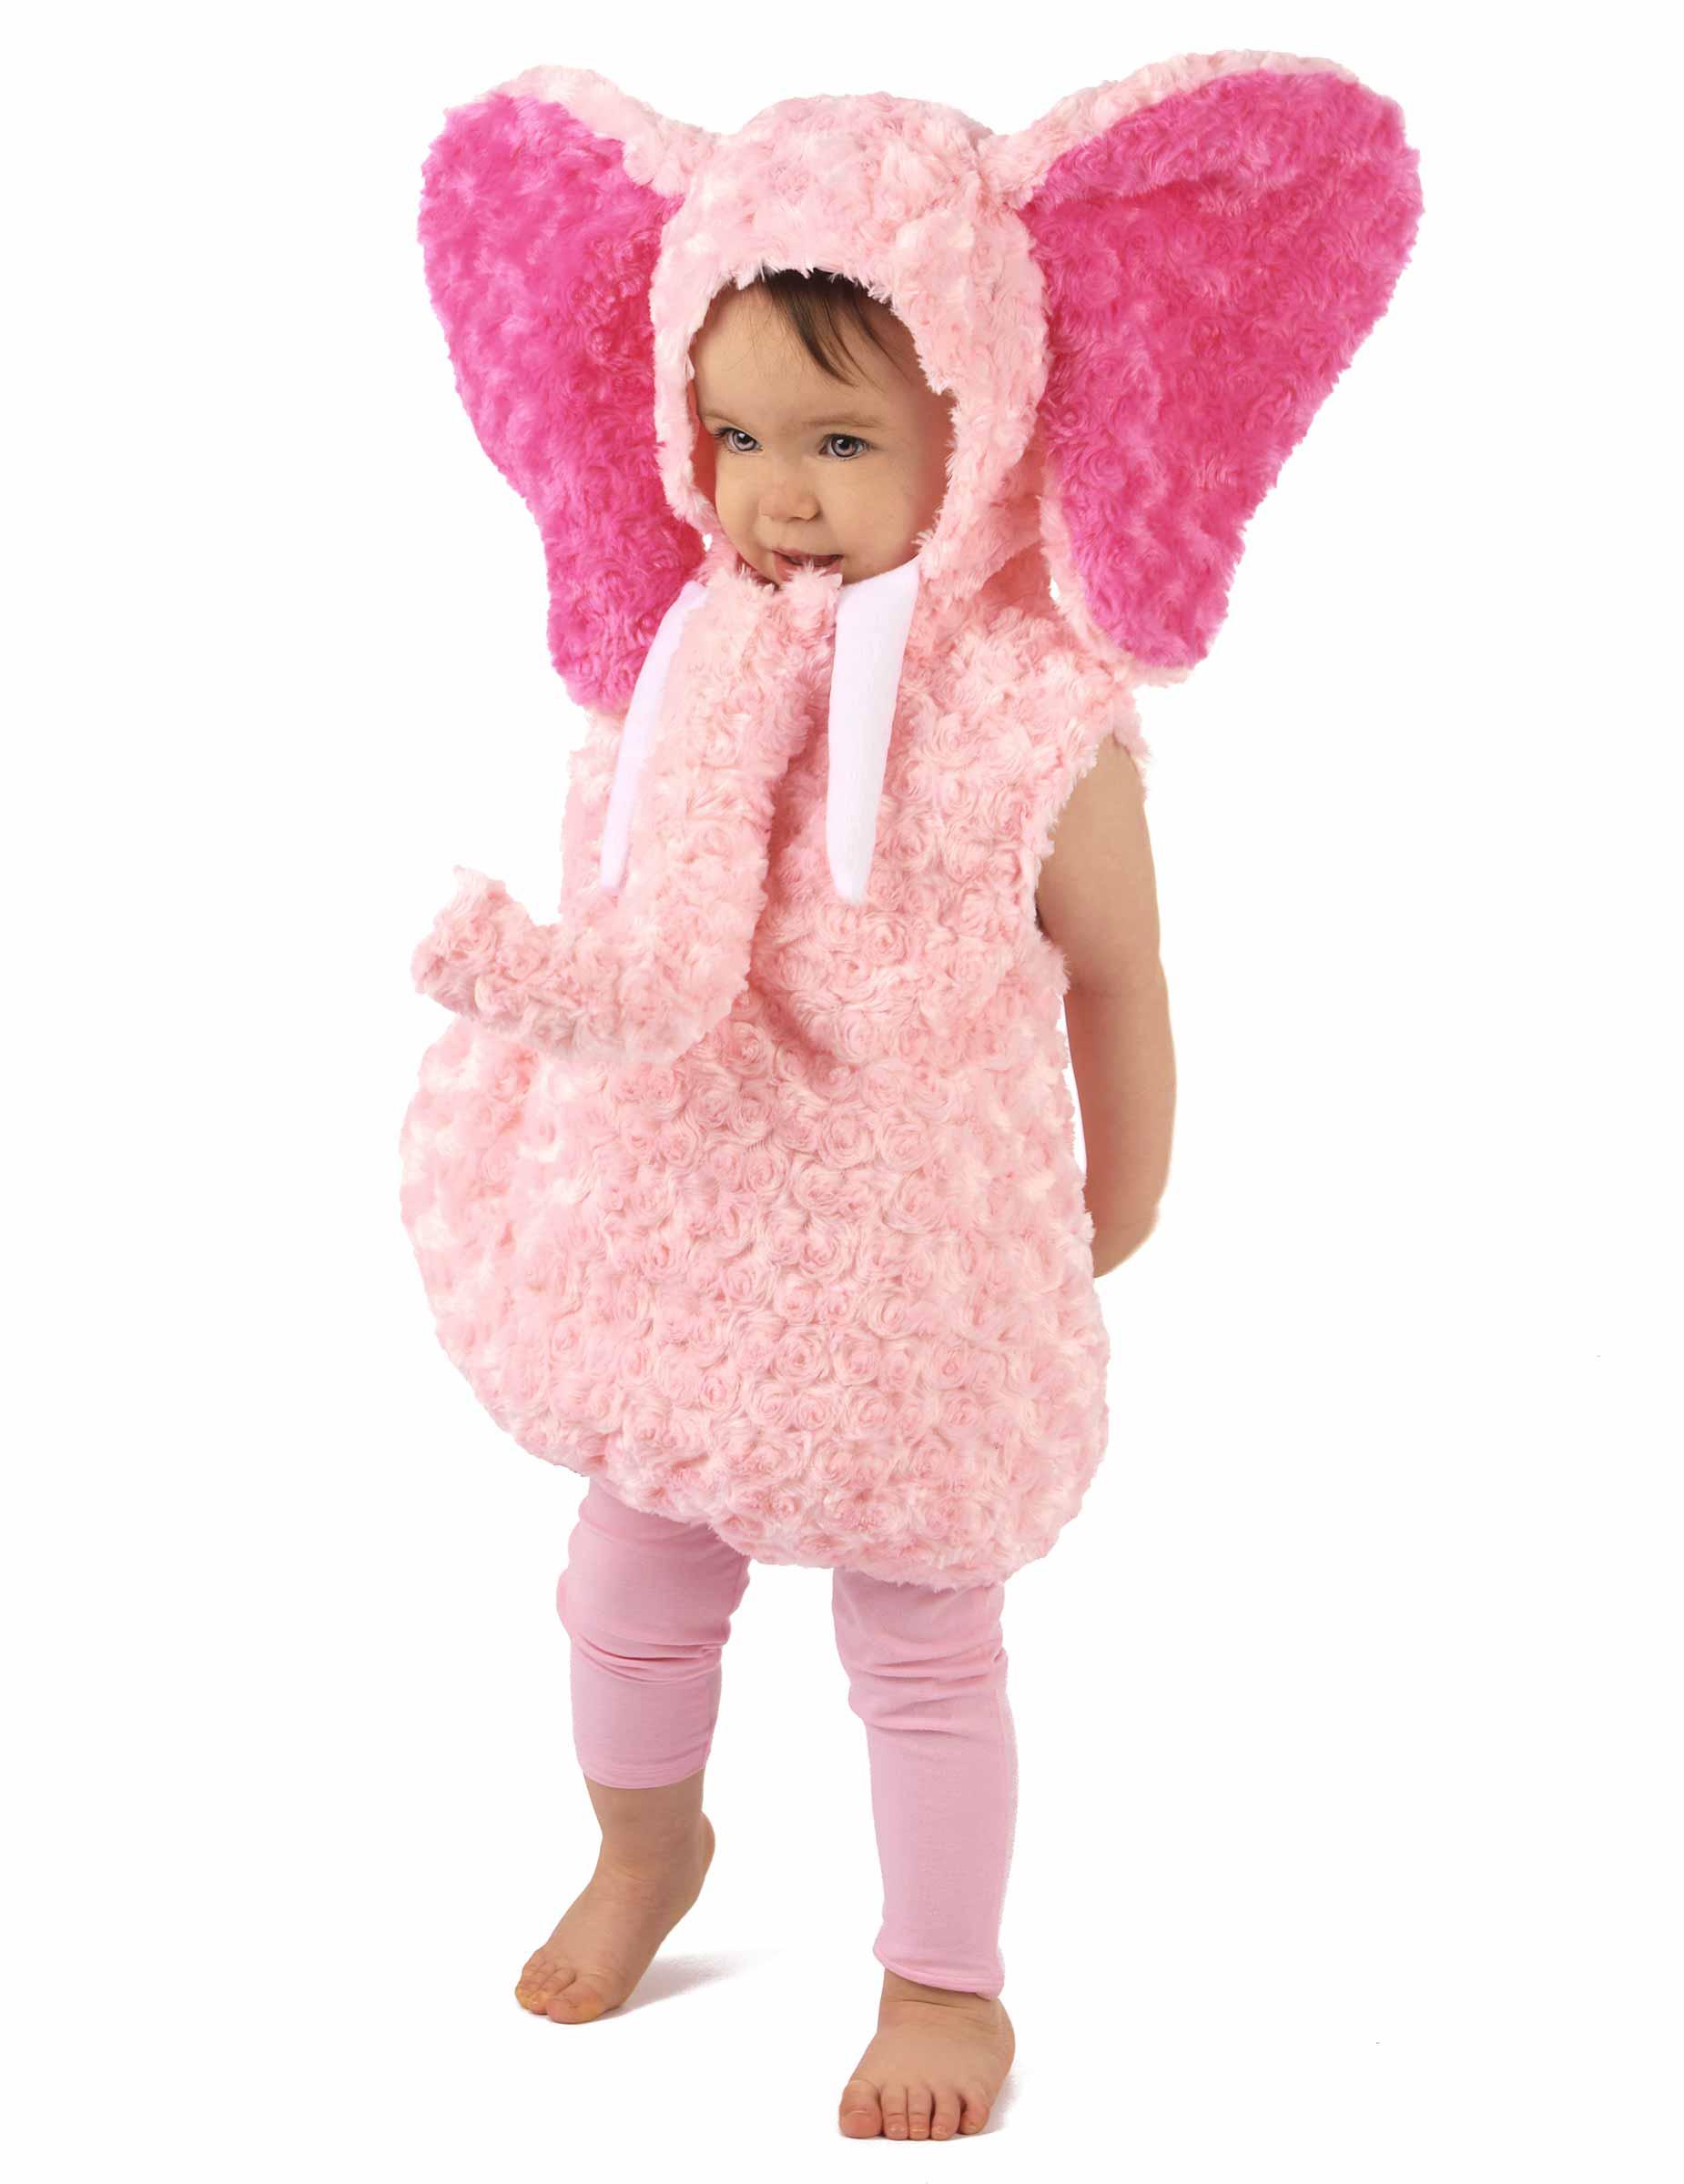 rosa elefanten kostüm für kinder dieses rosafarbene